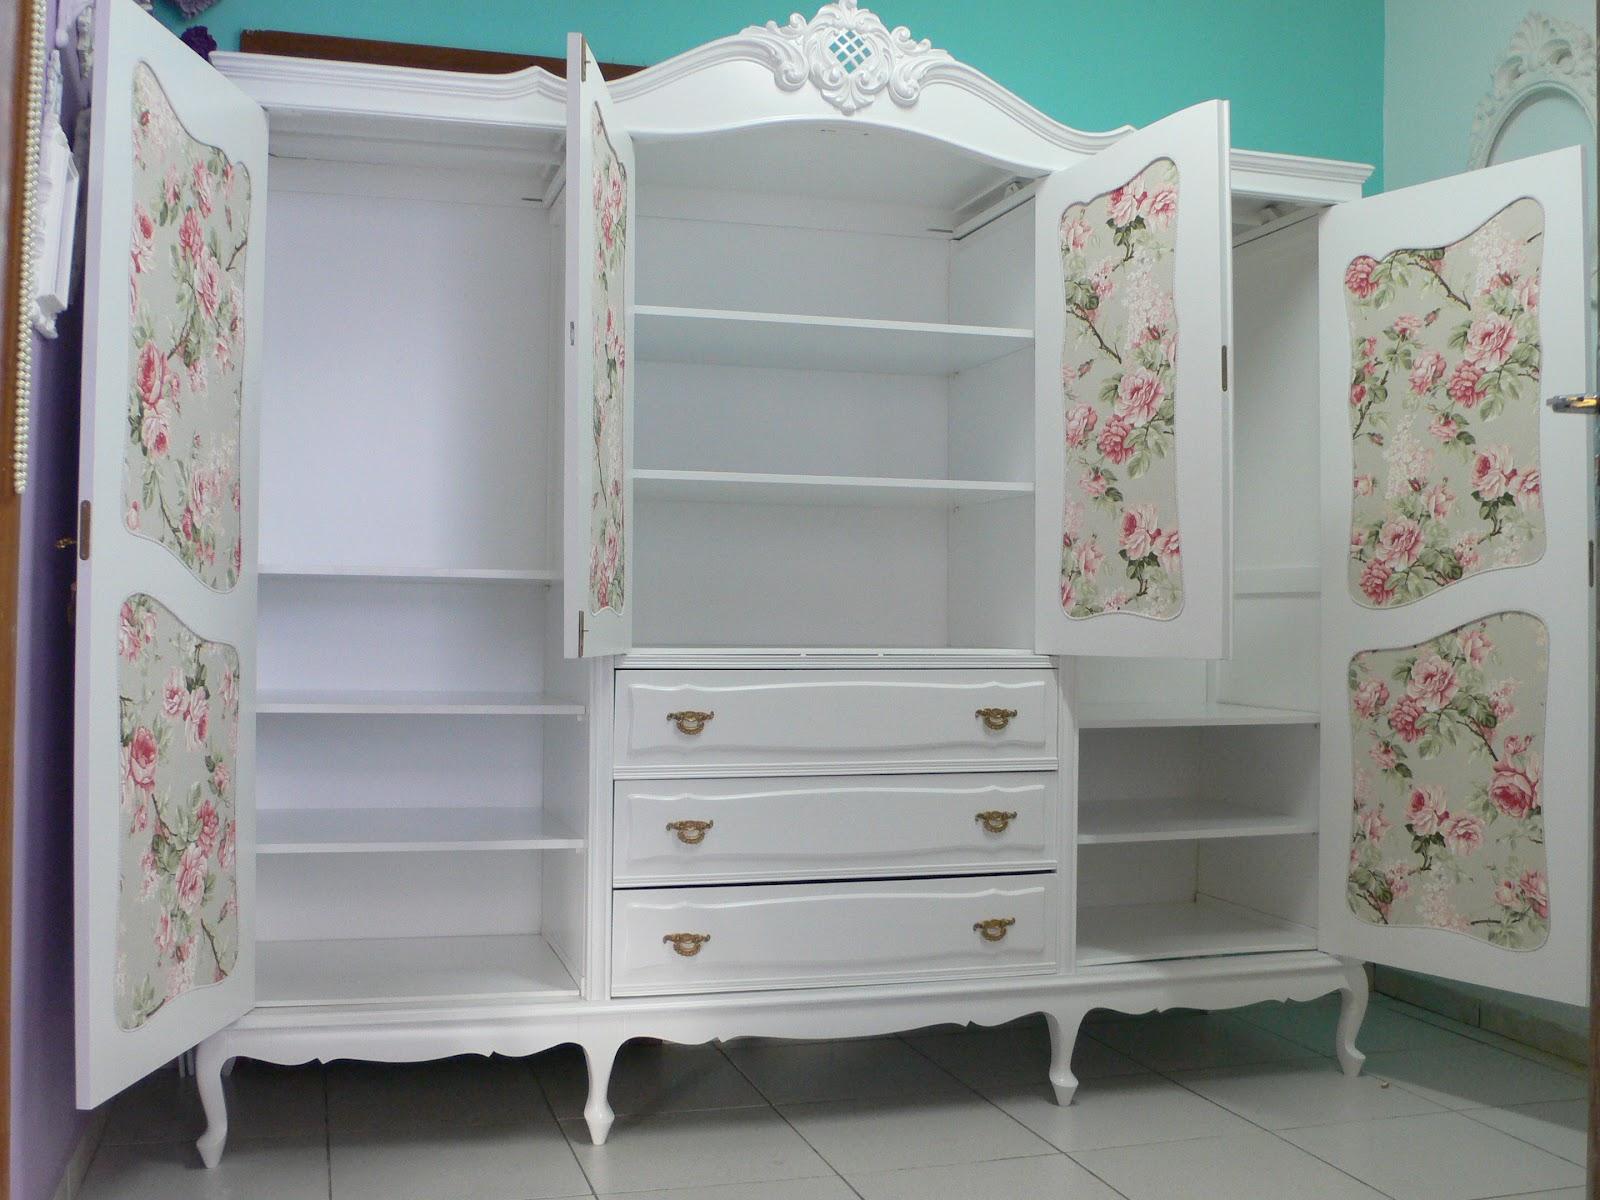 Ateliando Customização de móveis antigos: Quarto Provençal by  #438885 1600x1200 Banheiro Antigo Decoração